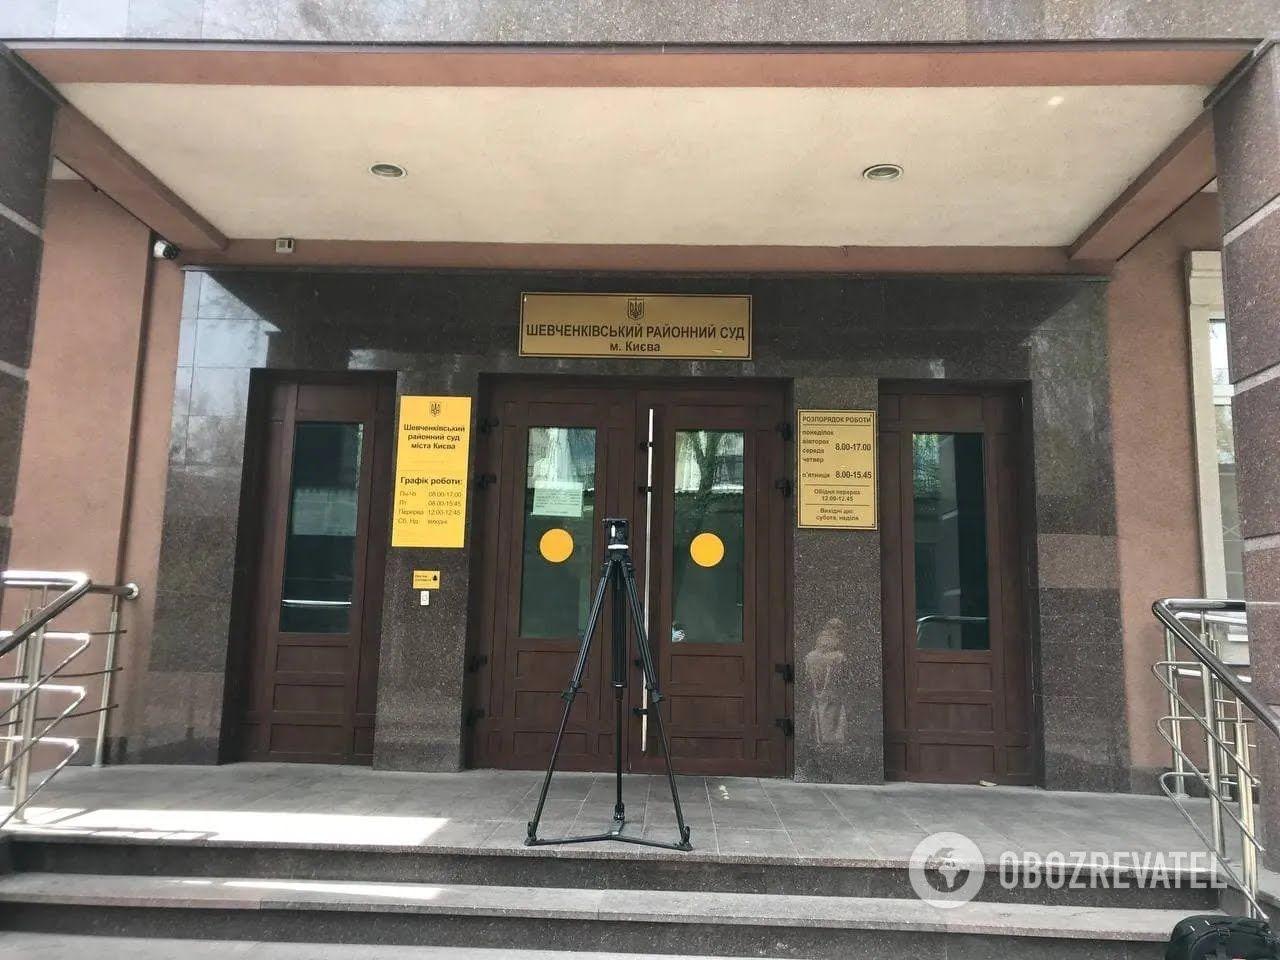 Виновнику смертельного ДТП в Киеве избирают меру пресечения. Фото из зала суда